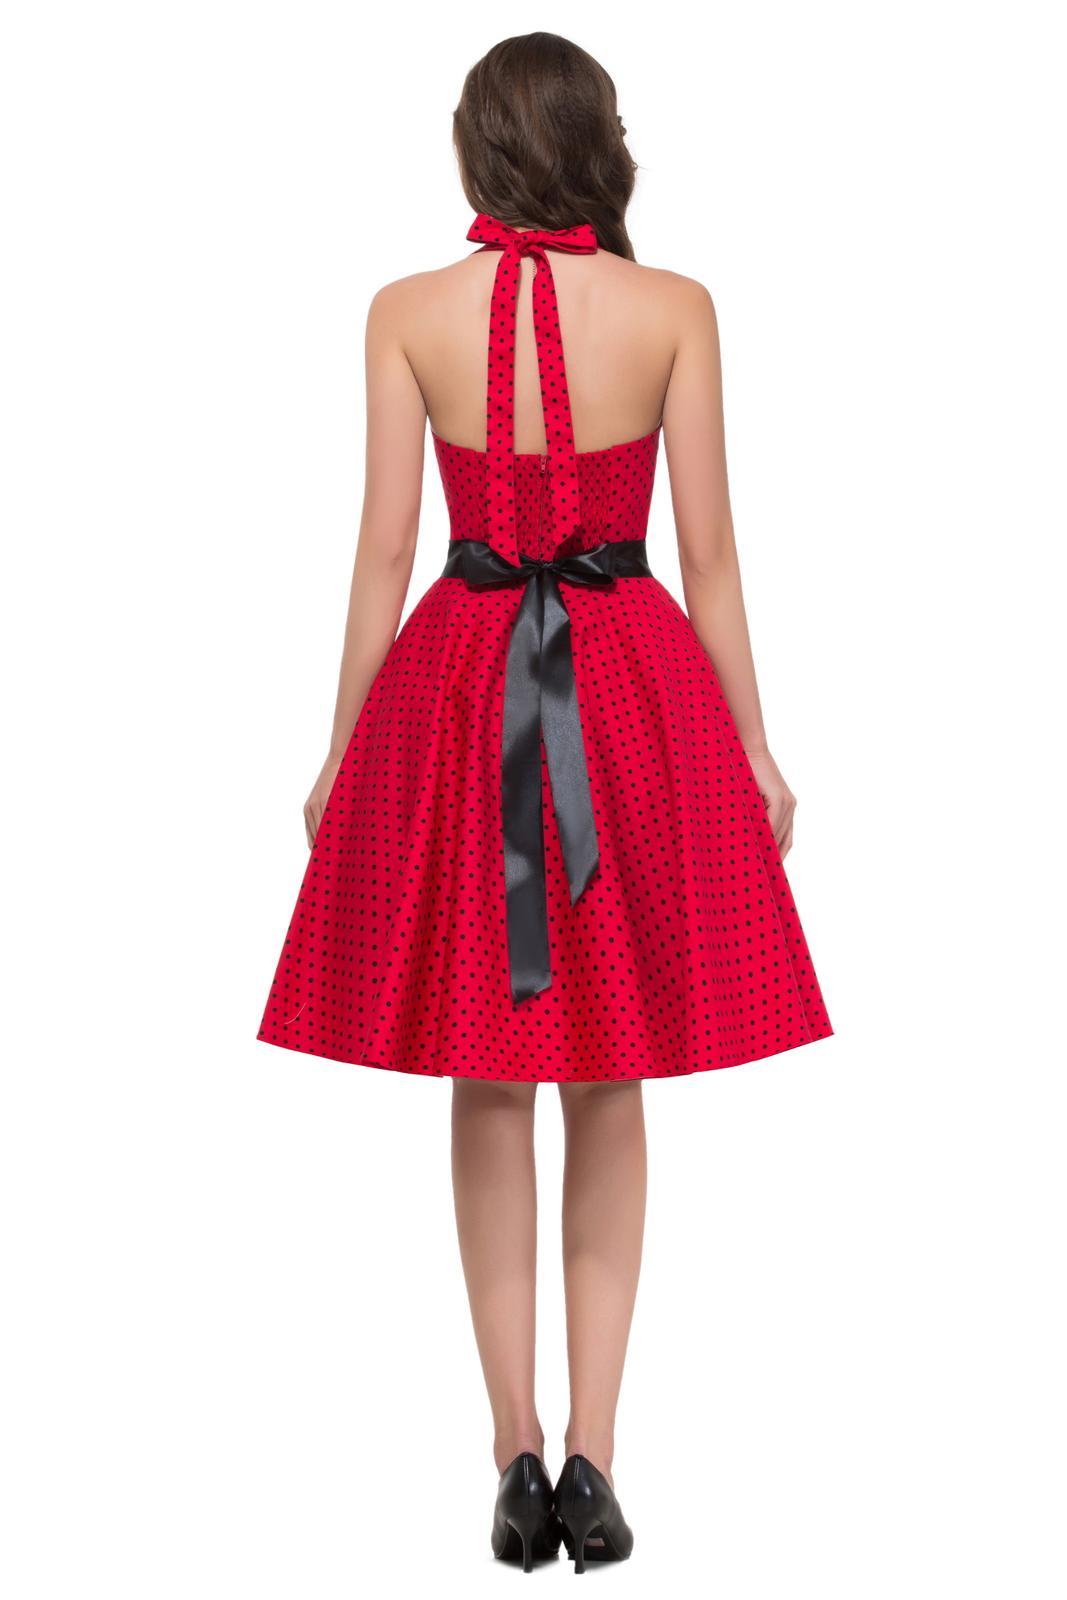 Retro šaty - Úžasné červené retro šaty s čiernymi guličkami 50. roky SKLADOM: http://salonevamaria.sk/index.php?id_category=27&controller=category NA OBJEDNÁVKU: http://salonevamaria.sk/index.php?id_category=10&controller=category